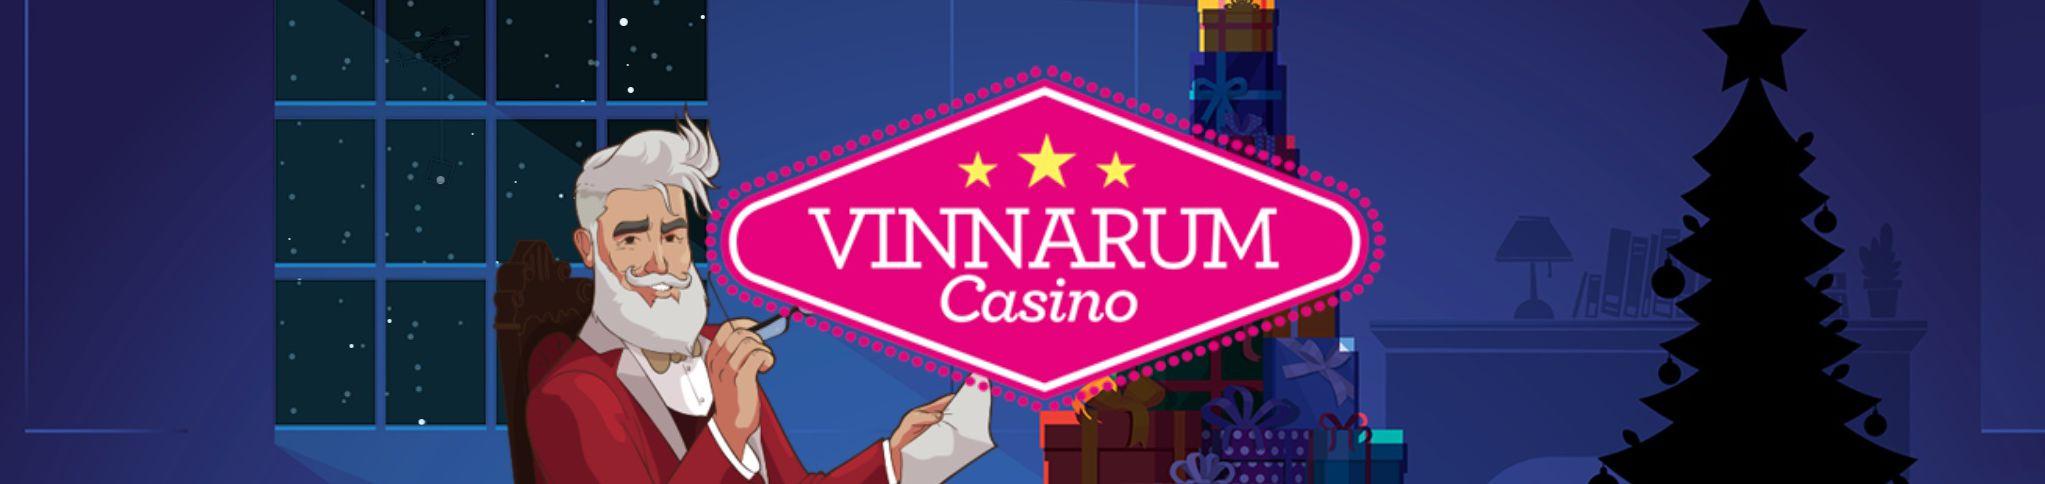 vinnarum-casino-julkalander